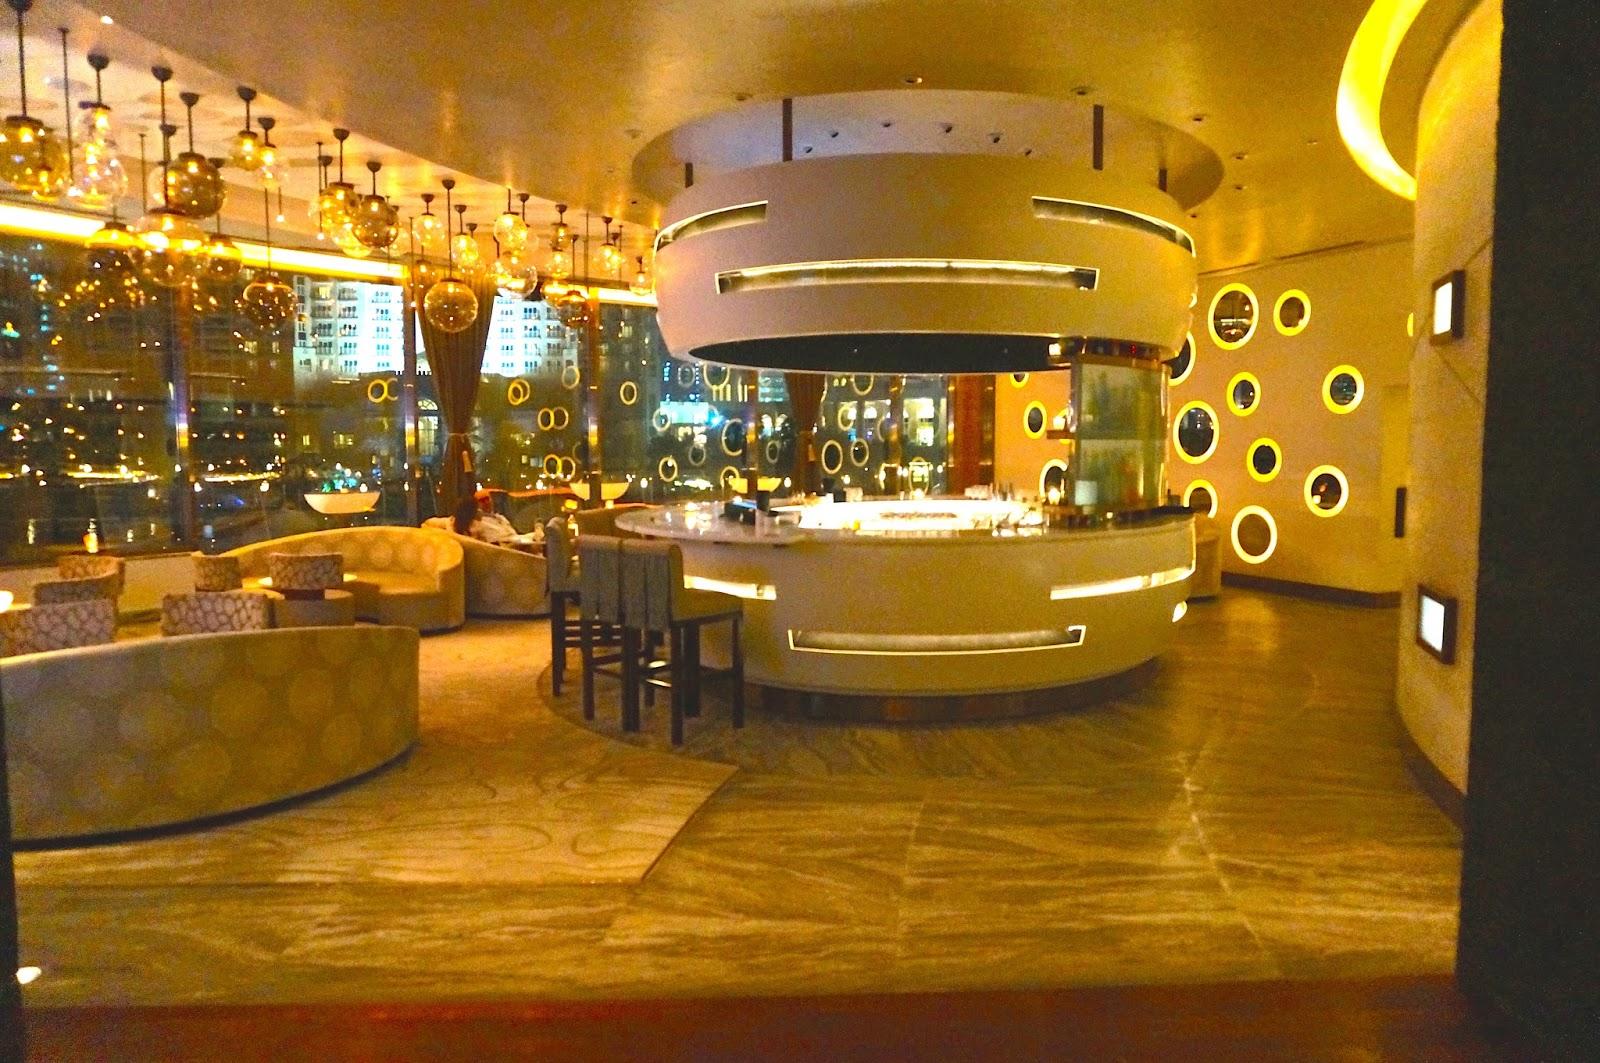 Top 6 Fine Dining Restaurants in Doha: #1 Nobu